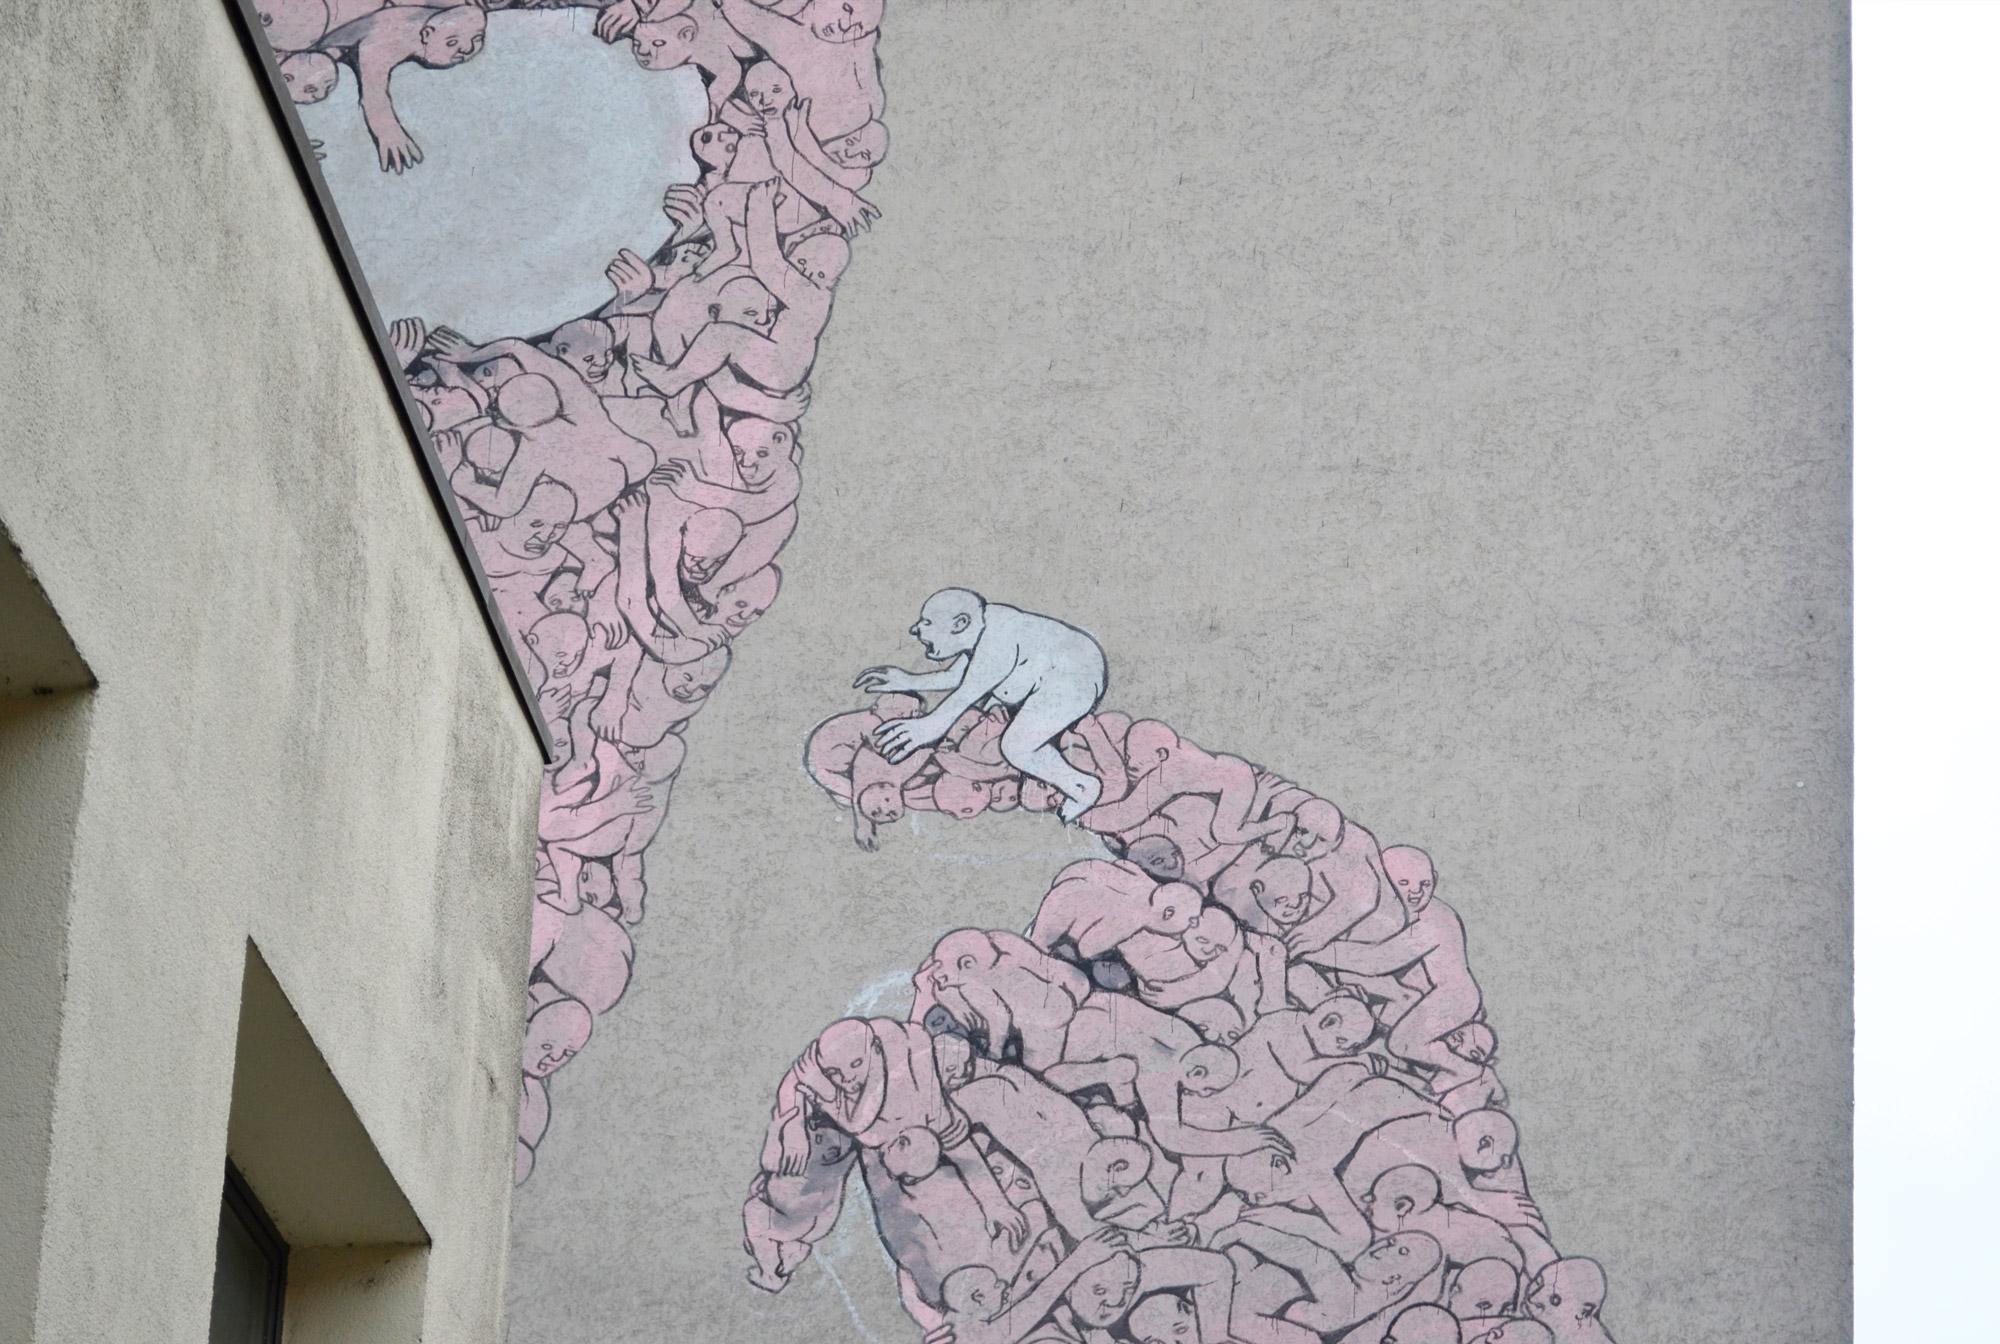 urbanbacklog-berlin-blu-pink-man-3.jpg